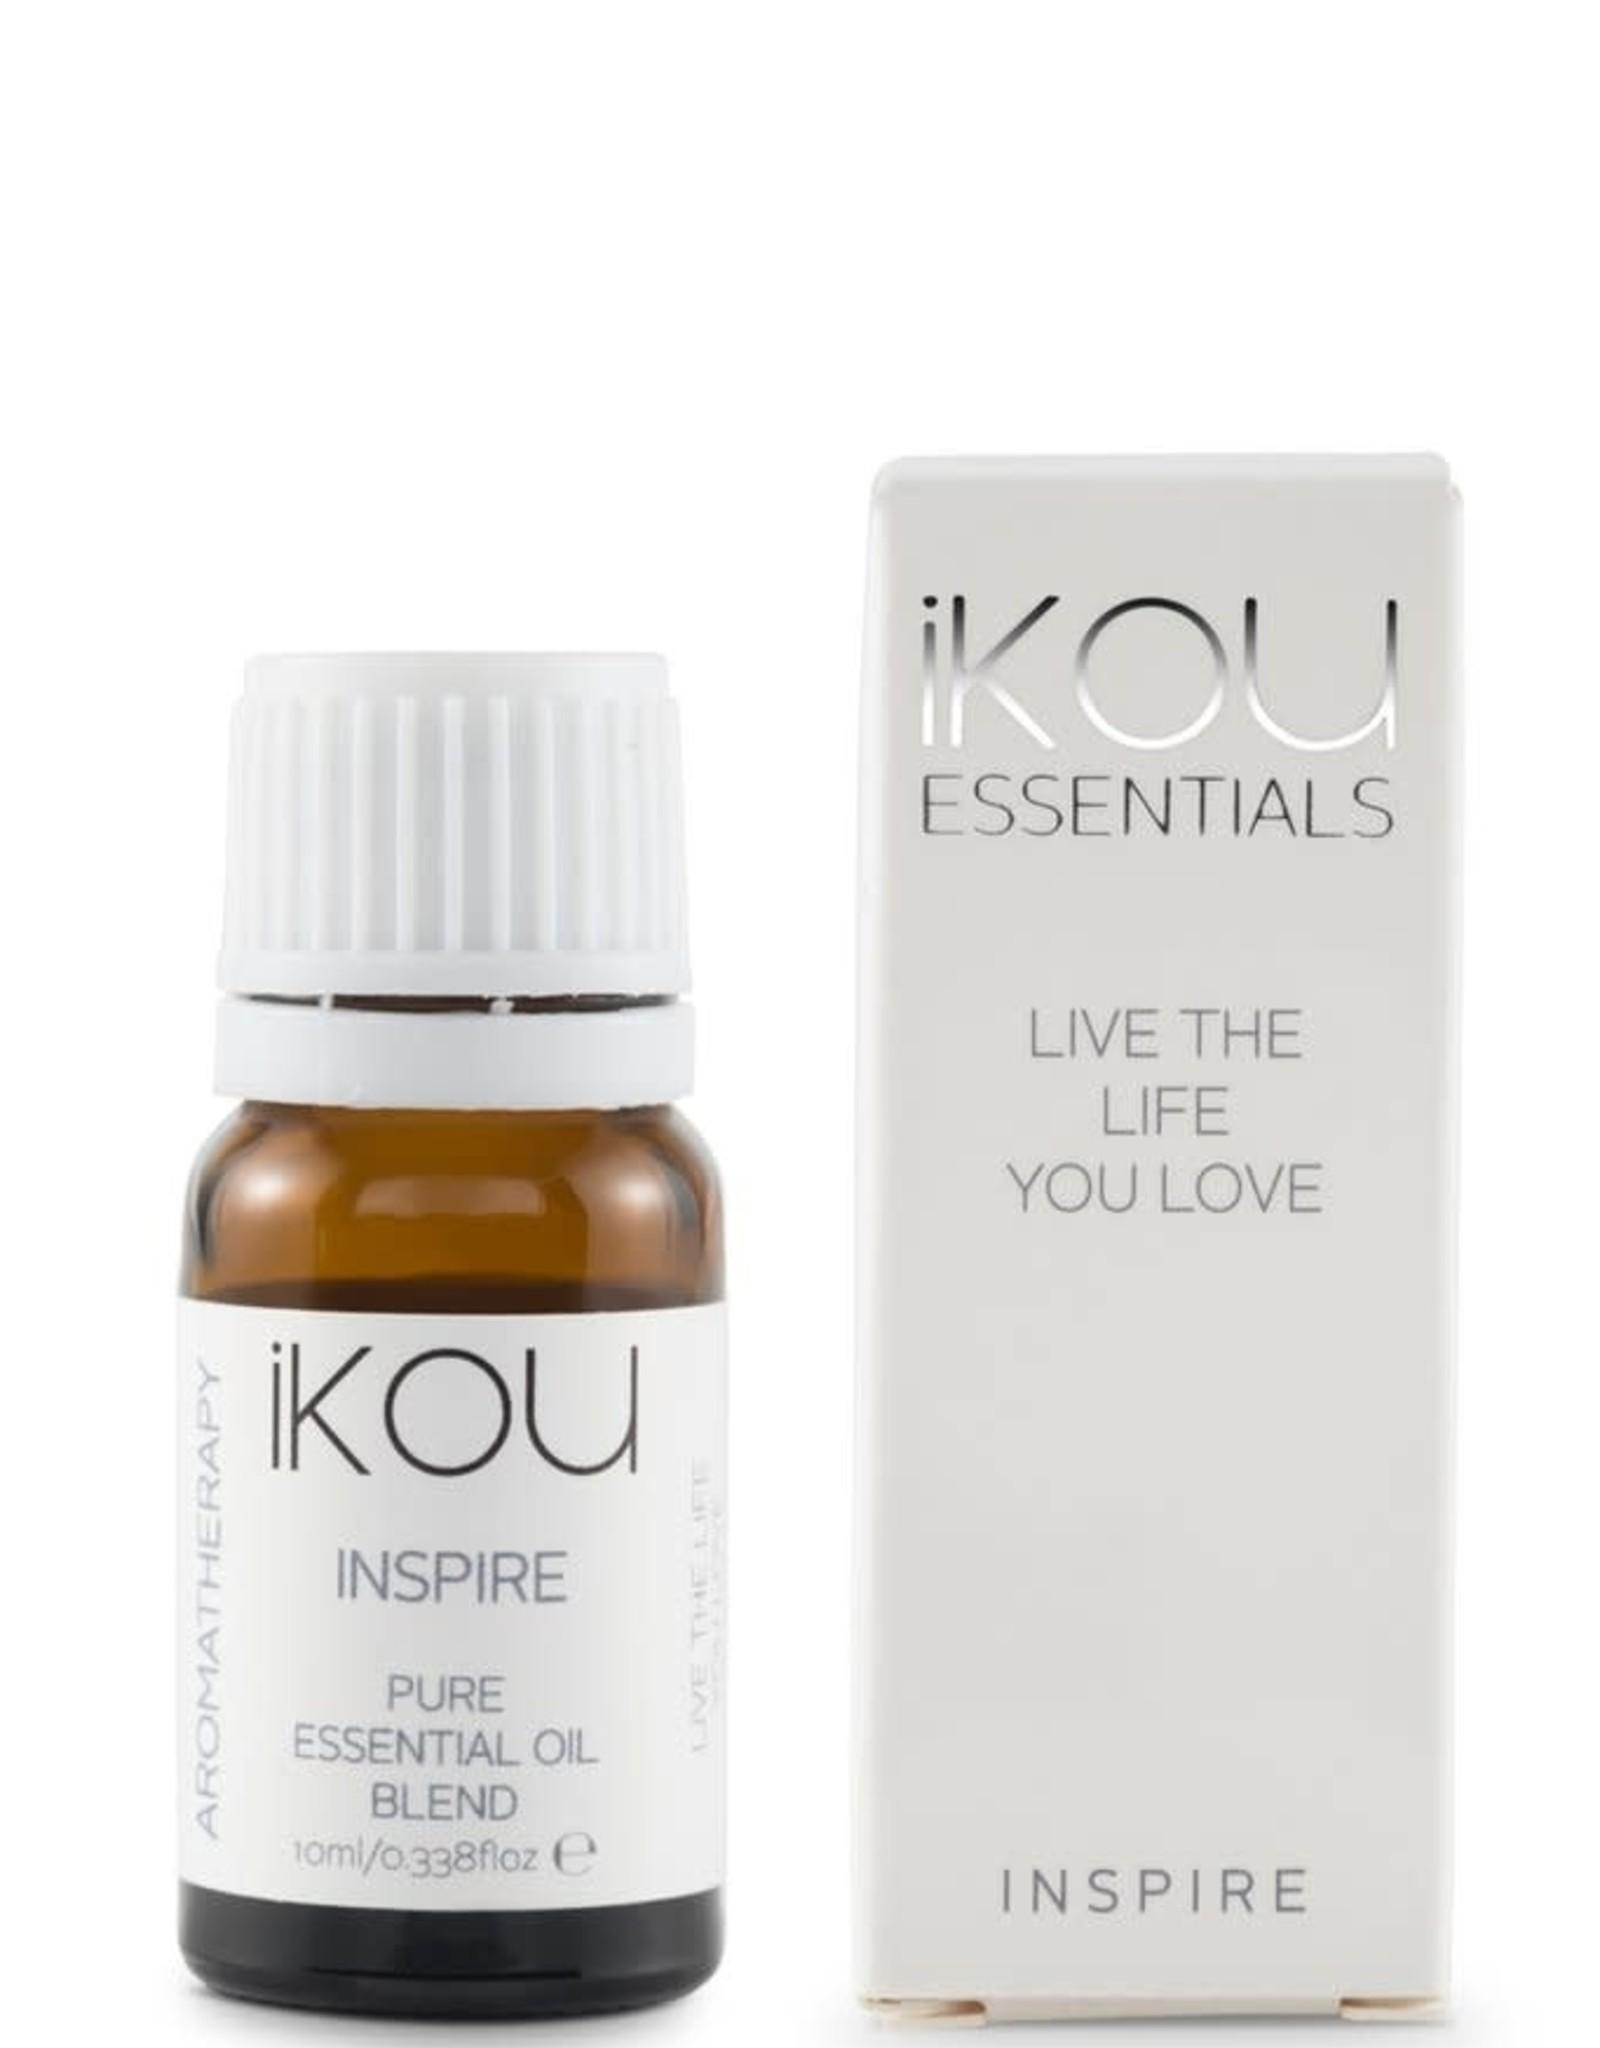 IKOU INSPIRE Essential Oils